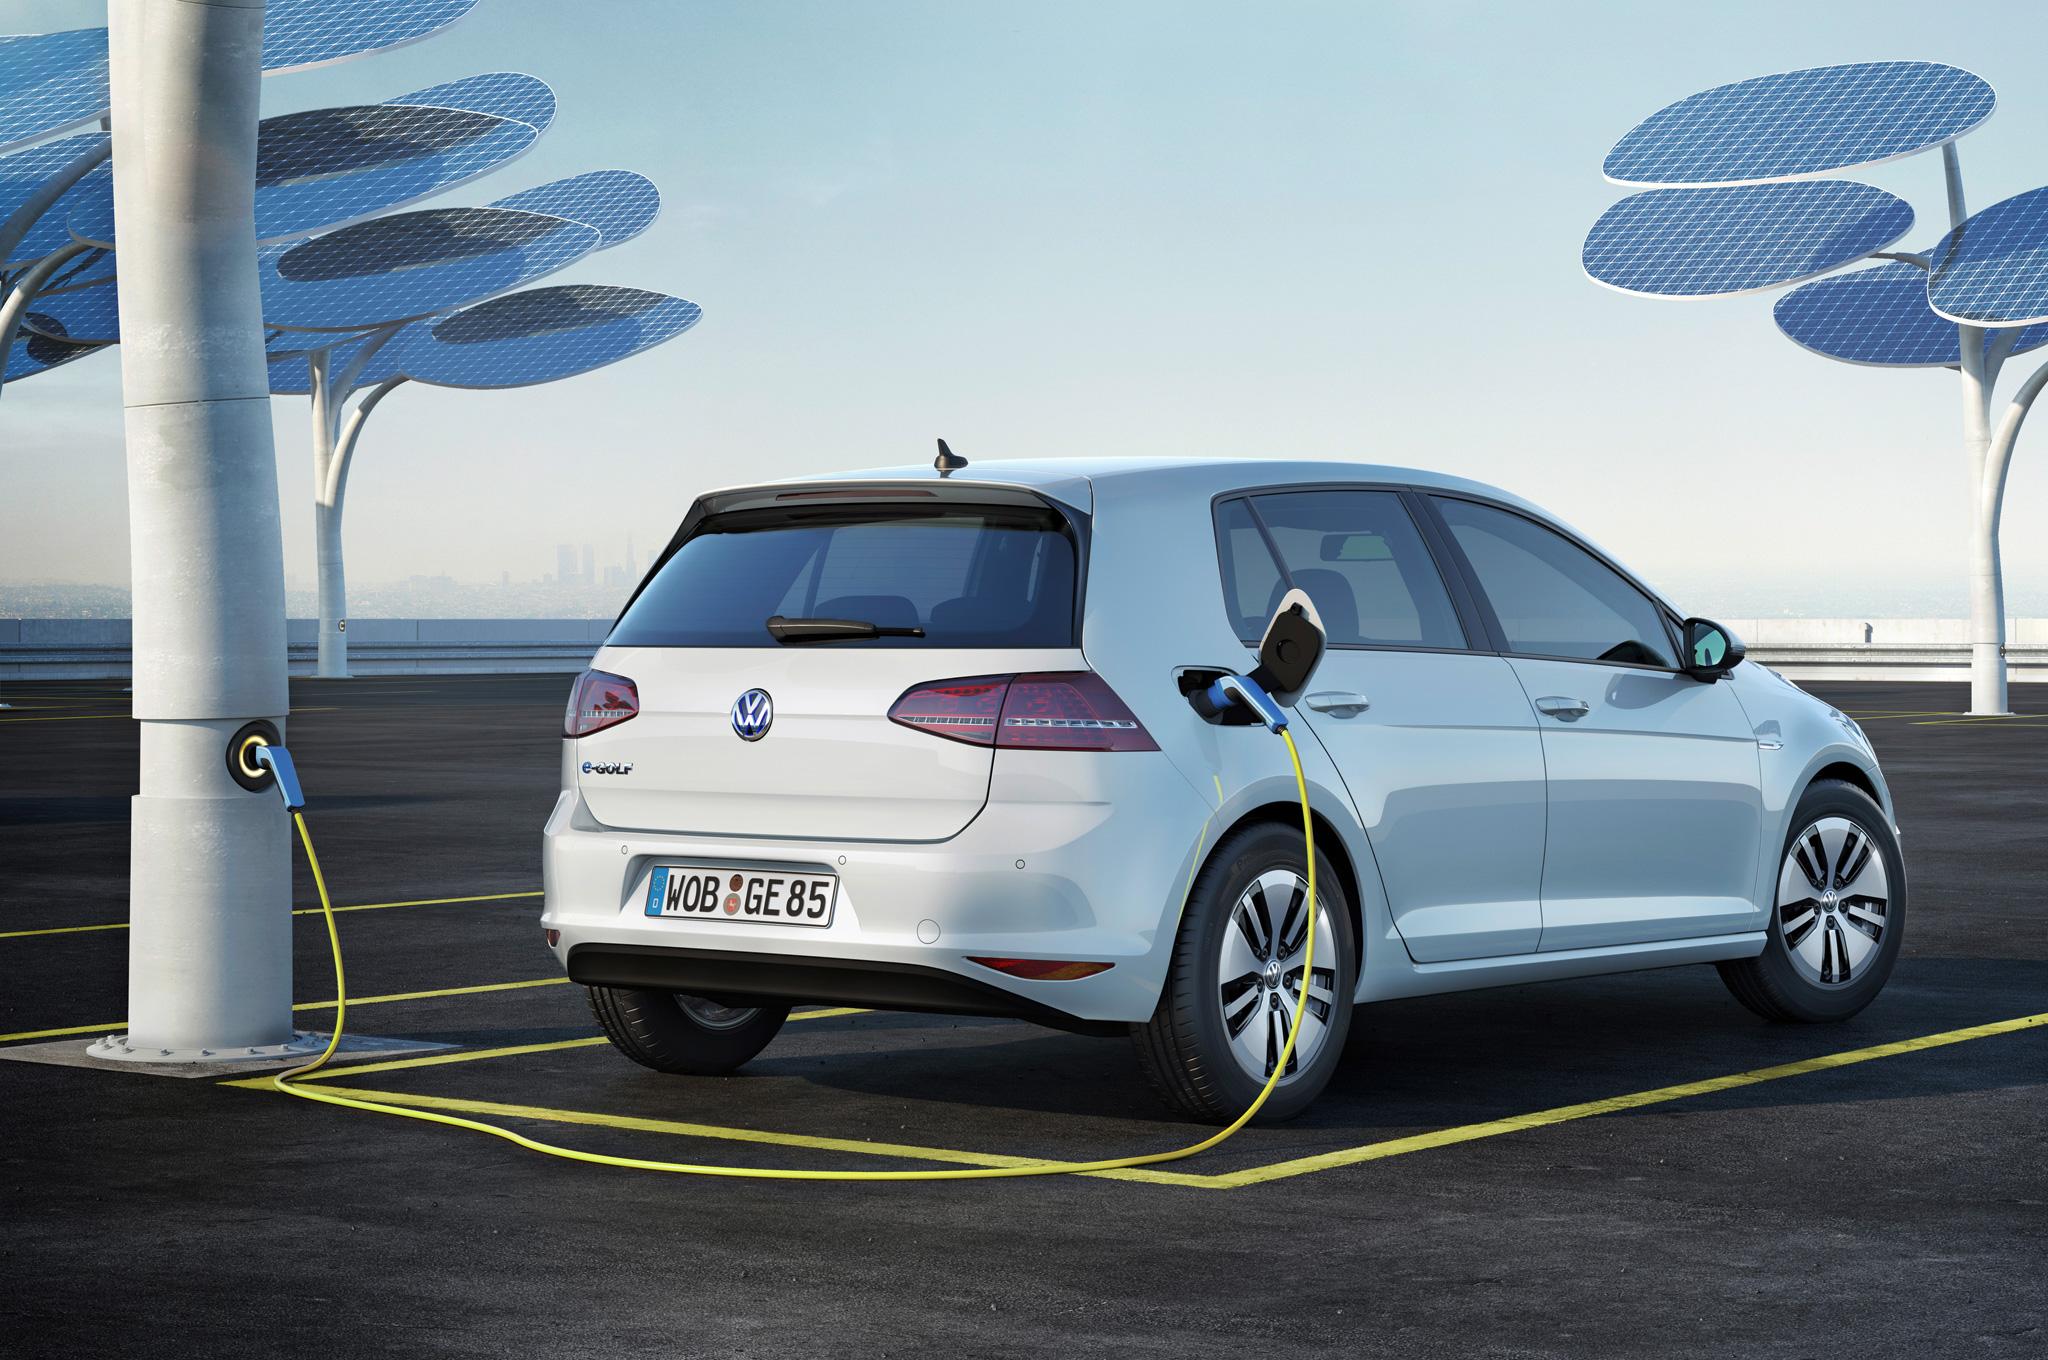 Así son los planes de Volkswagen para el futuro: Líder de movilidad eléctrica para el año 2025 1